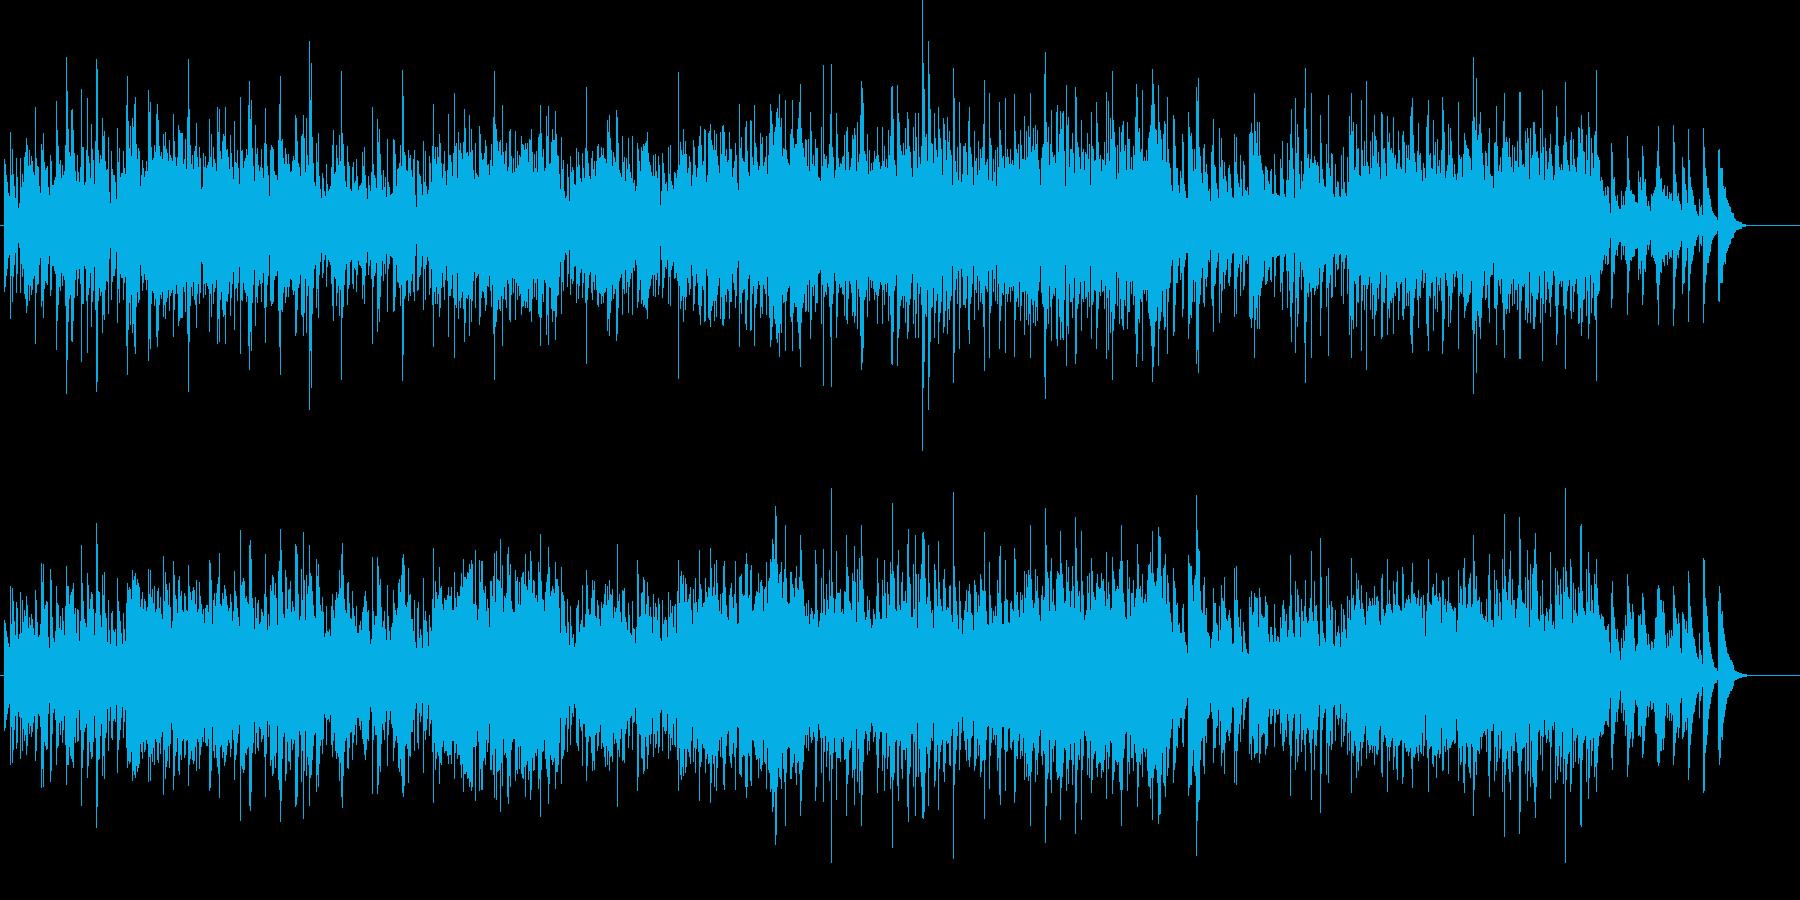 ピアノとハープが織りなすハーモニーの再生済みの波形